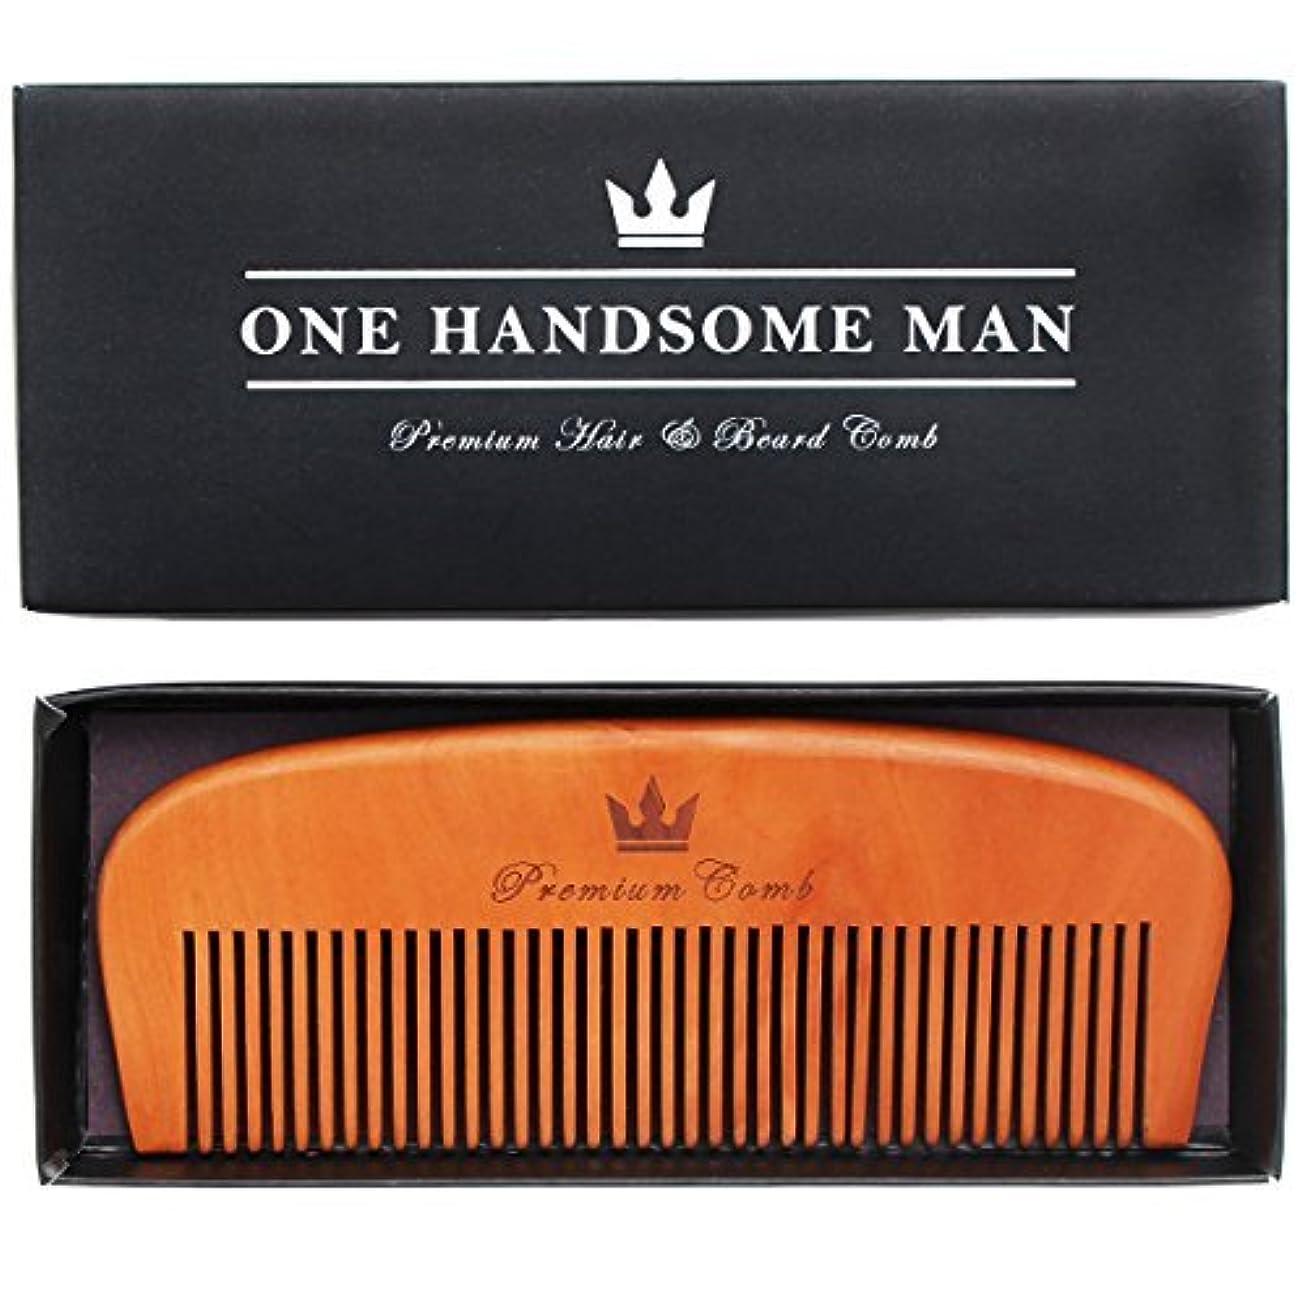 桃高齢者ソーダ水Premium Hair and Beard Comb - Quality Design with Gift Box. Perfect for Beards, Mustaches, or Head Hair. [並行輸入品]